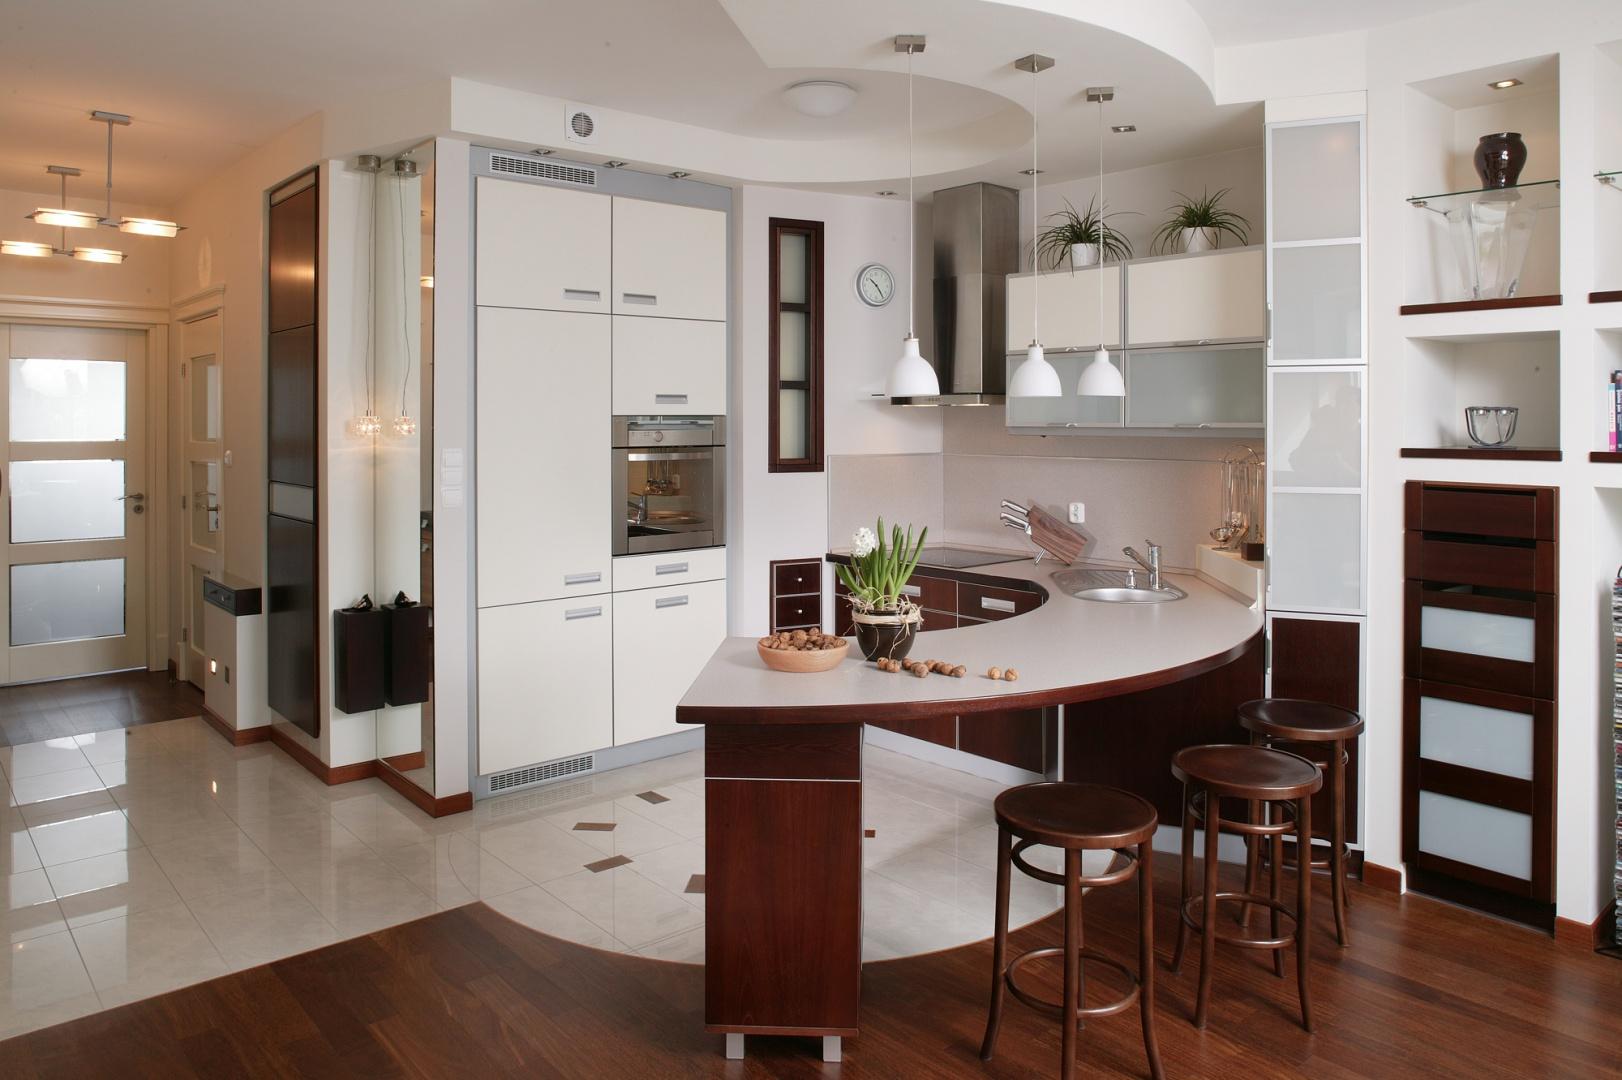 Brąz i wanilia to kolory, Waniliowe fronty w kuchni przepis na przytulność -> Kuchnia Brązowe Meble Jaki Kolor Ścian